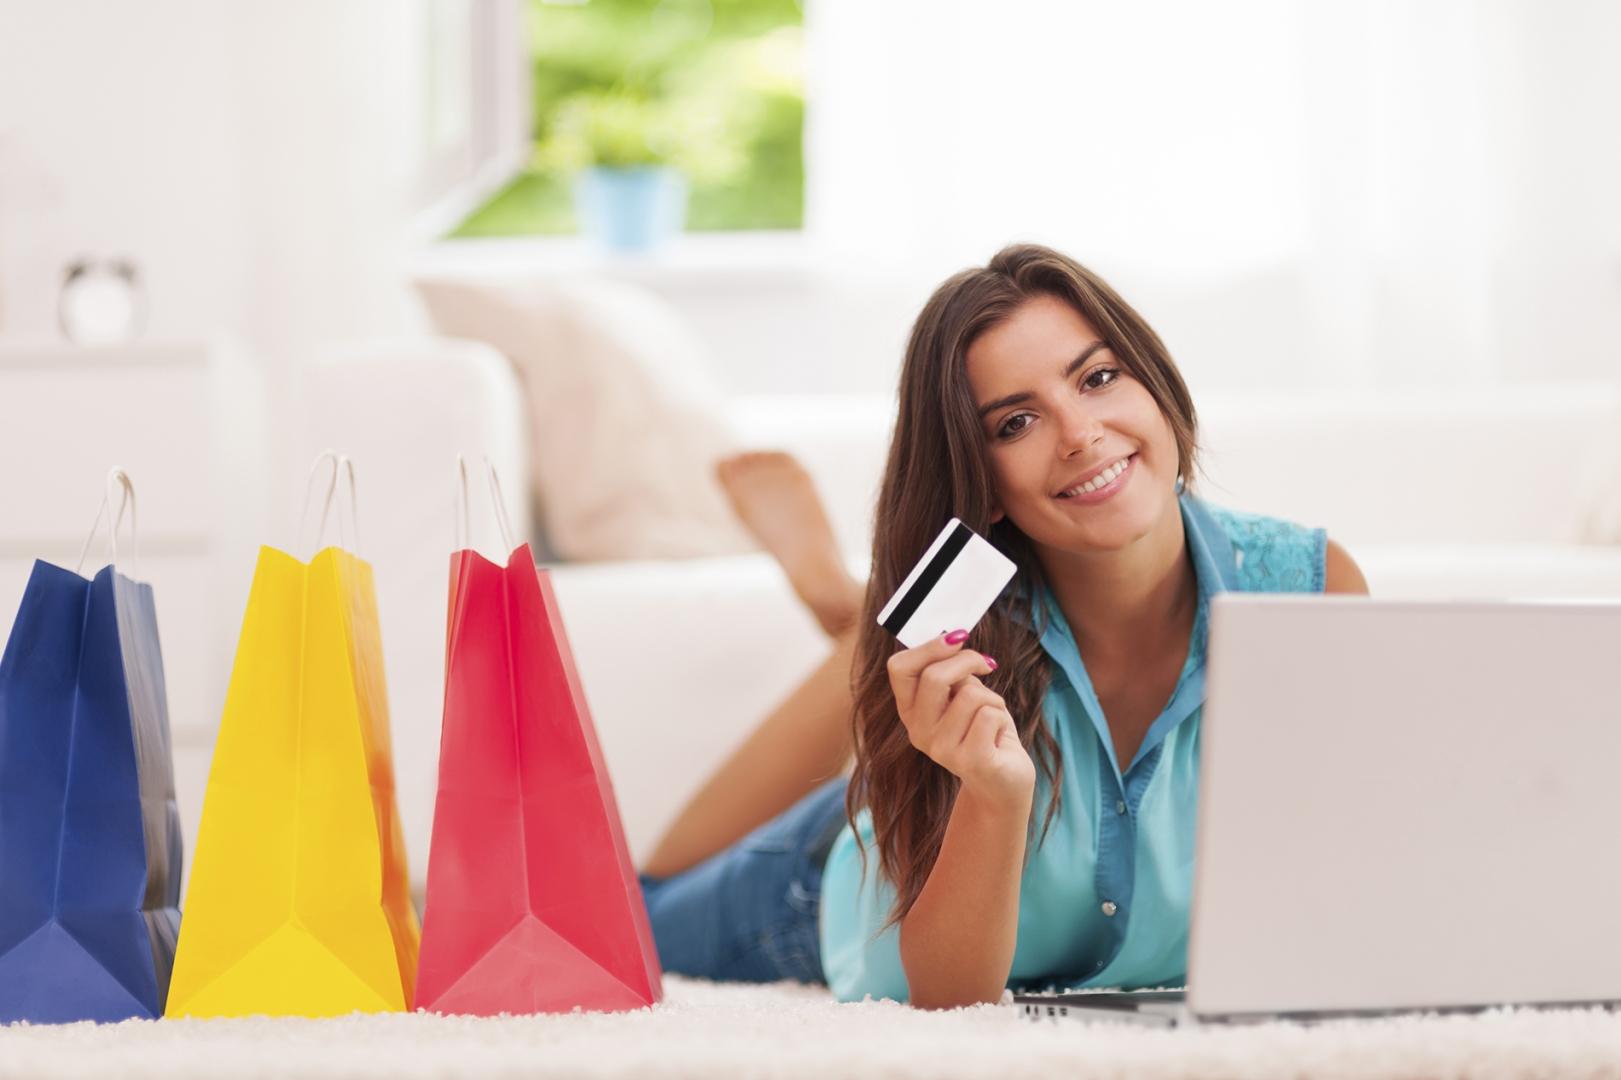 Female consumer shops online